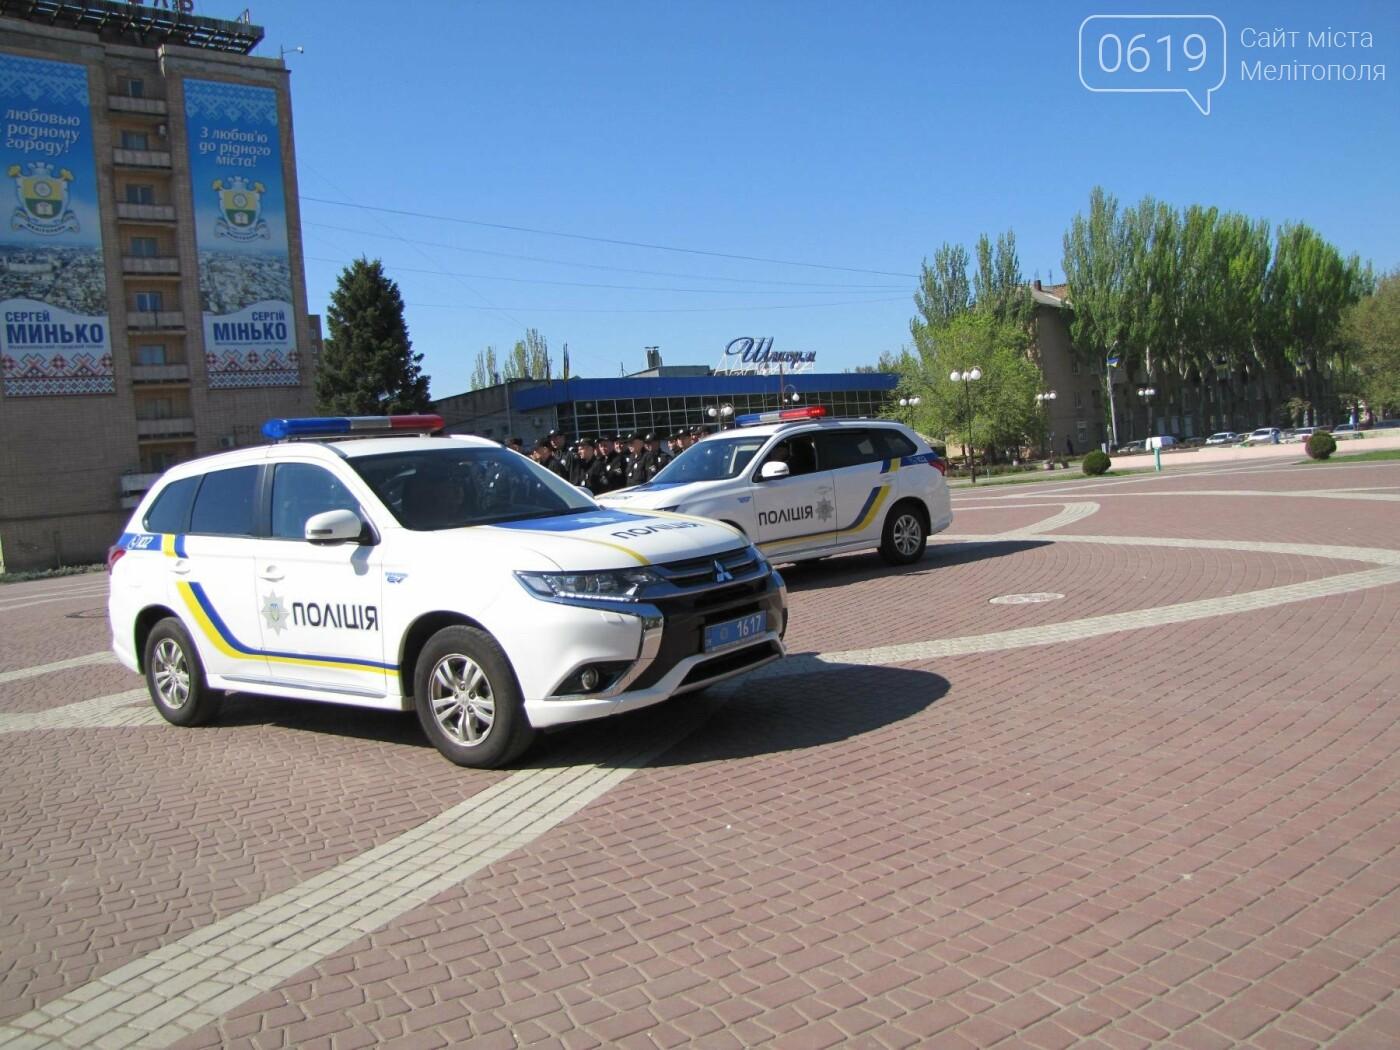 Мелитопольской полиции торжественно вручили новые служебные автомобили, фото-8